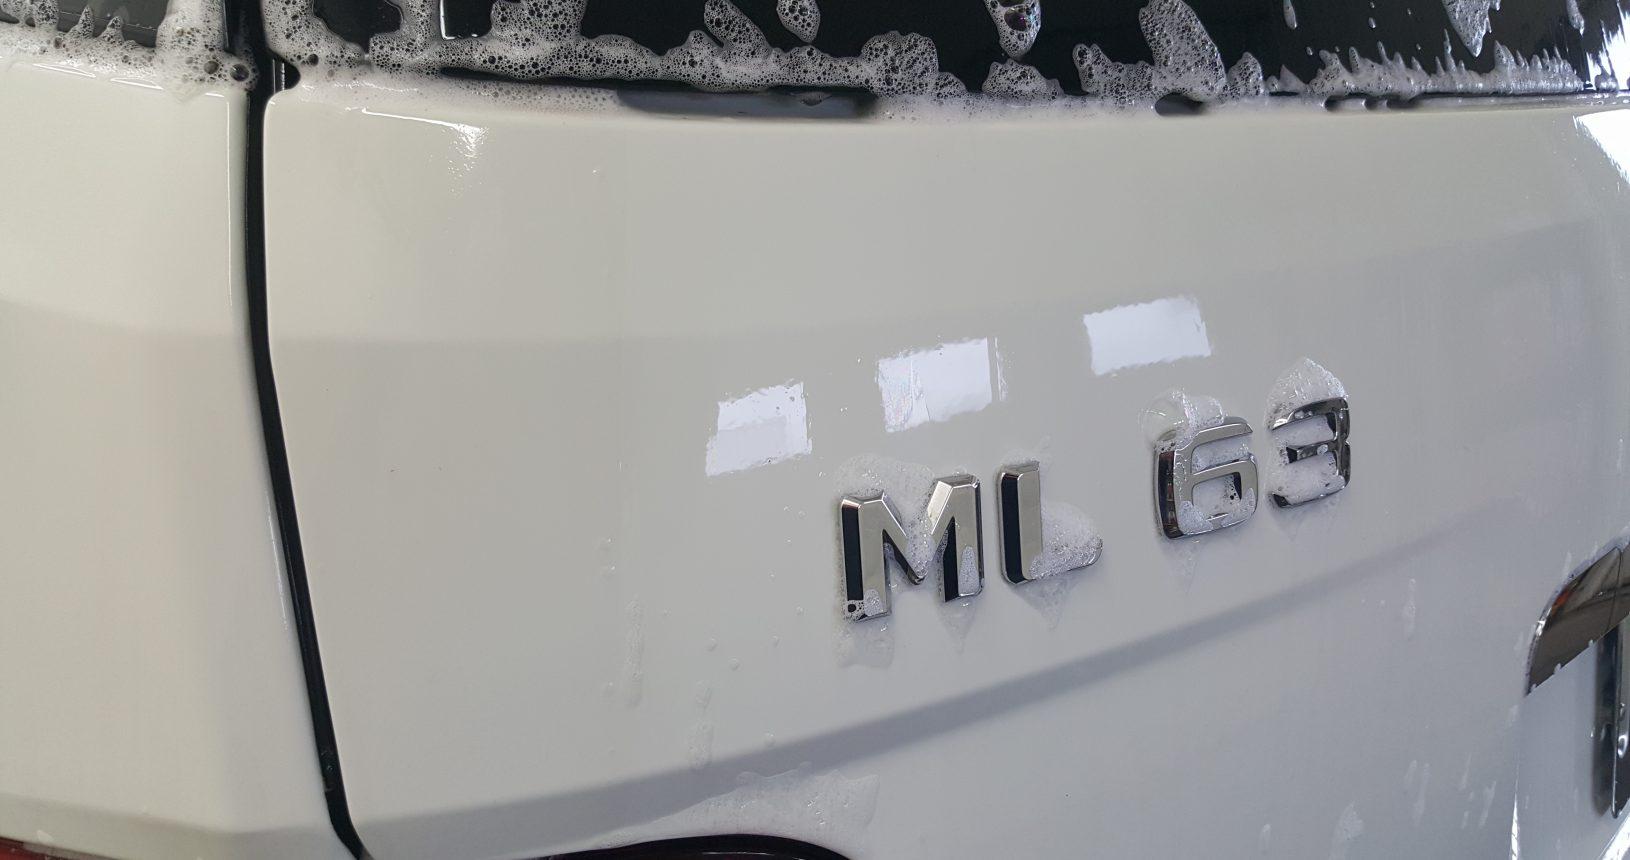 ml63 amg detailing